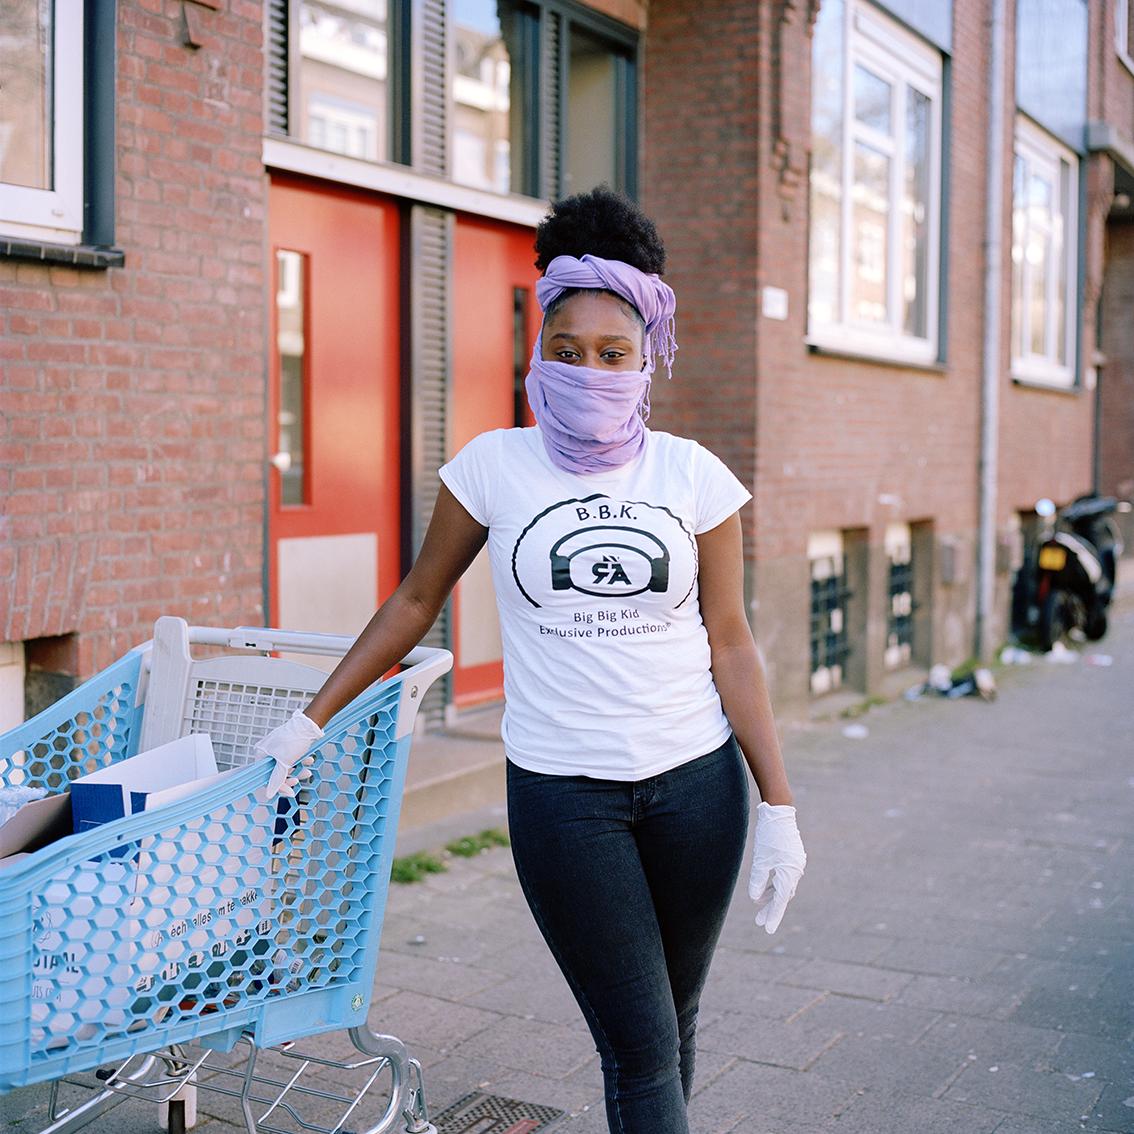 6 fotografen brengen de impact van de pandemie op een grootstad in beeld - 8